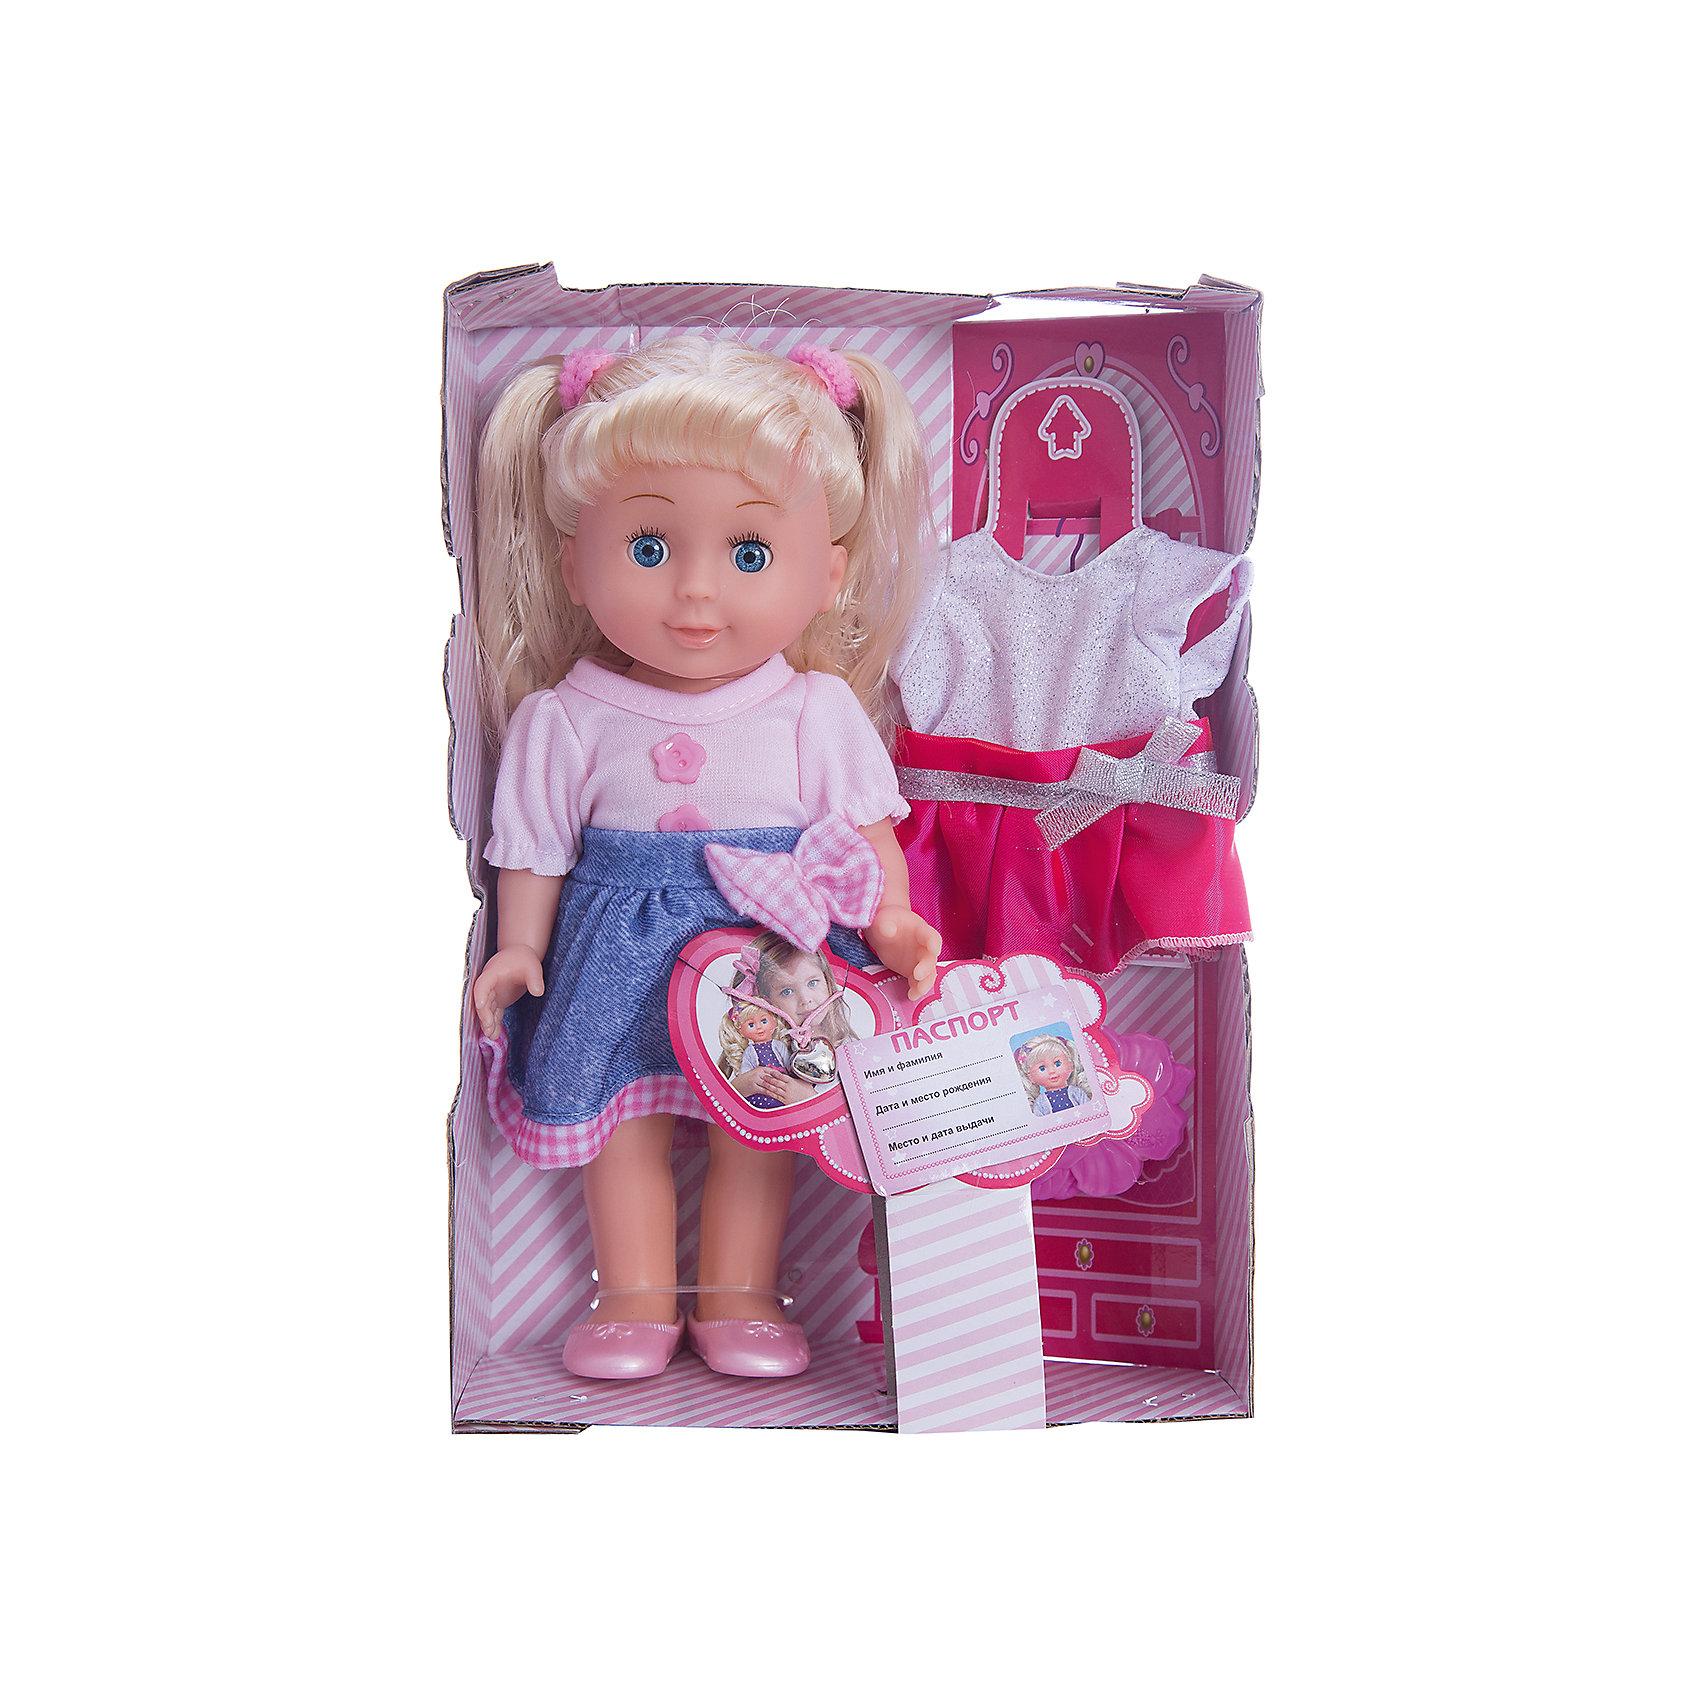 Кукла Карапуз Полина, озвученная с набором одежды, 25 смБренды кукол<br>Кукла Полина высотой 25 см представляет собой реалистично выполненную маленькую девочку с длинными светлыми волосами, одетую в оригинальный наряд. Ей можно менять прическу и расчёсывать волосы с помощью расчёчки, которая входит в комплект. Также в комплекте с куклой идут сменные наряды. Полина закрывает глазки, если ее баюкать, укладывая спать, а также умеет разговаривать - кукла декламирует стих и поет песенку авторства Агнии Барто. Рекомендованно детям от 3-х лет.<br><br>Ширина мм: 270<br>Глубина мм: 80<br>Высота мм: 190<br>Вес г: 380<br>Возраст от месяцев: 36<br>Возраст до месяцев: 60<br>Пол: Женский<br>Возраст: Детский<br>SKU: 7014446